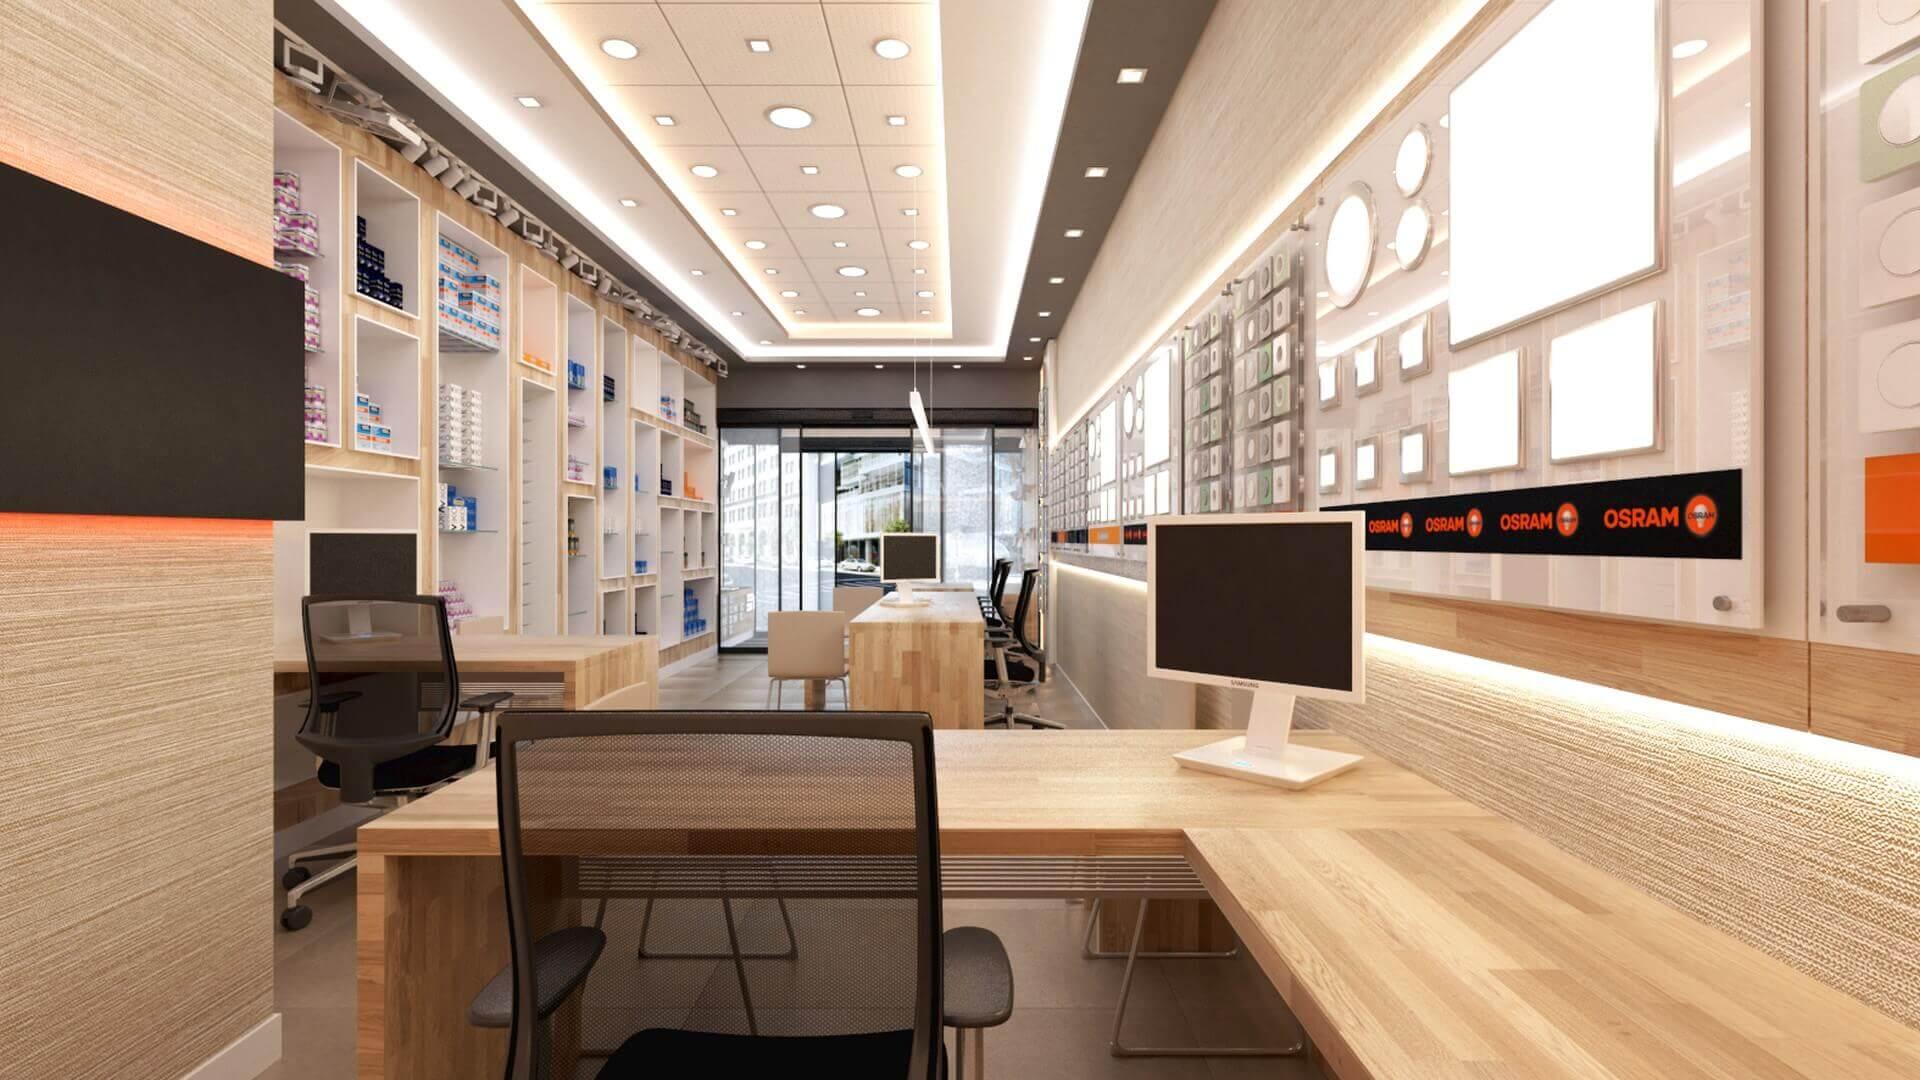 elektrik mağazası tasarımları 2038 Yetven Elektrik / Ulus Perakende